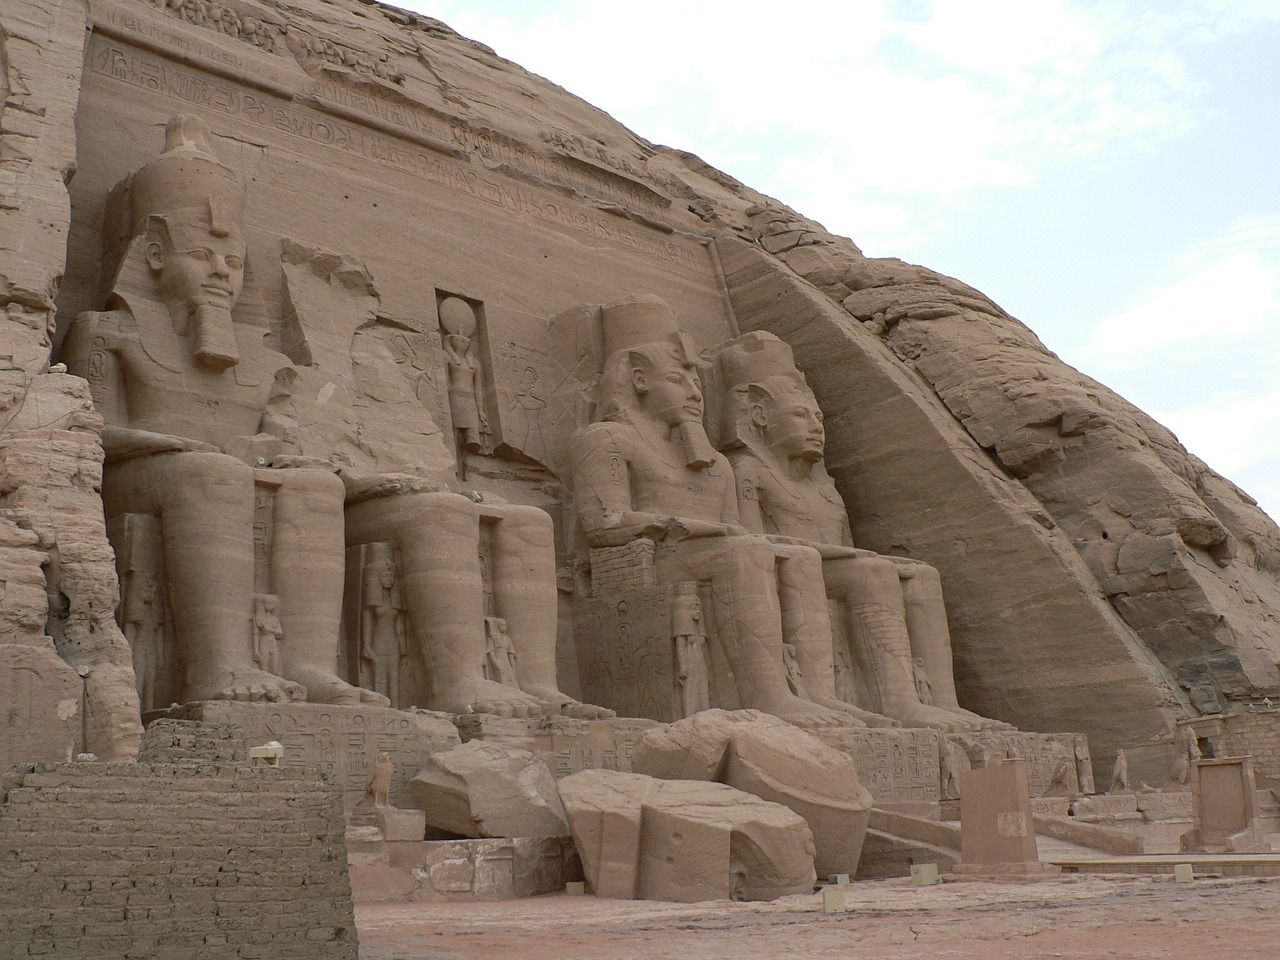 ヌビア遺跡の画像 p1_35